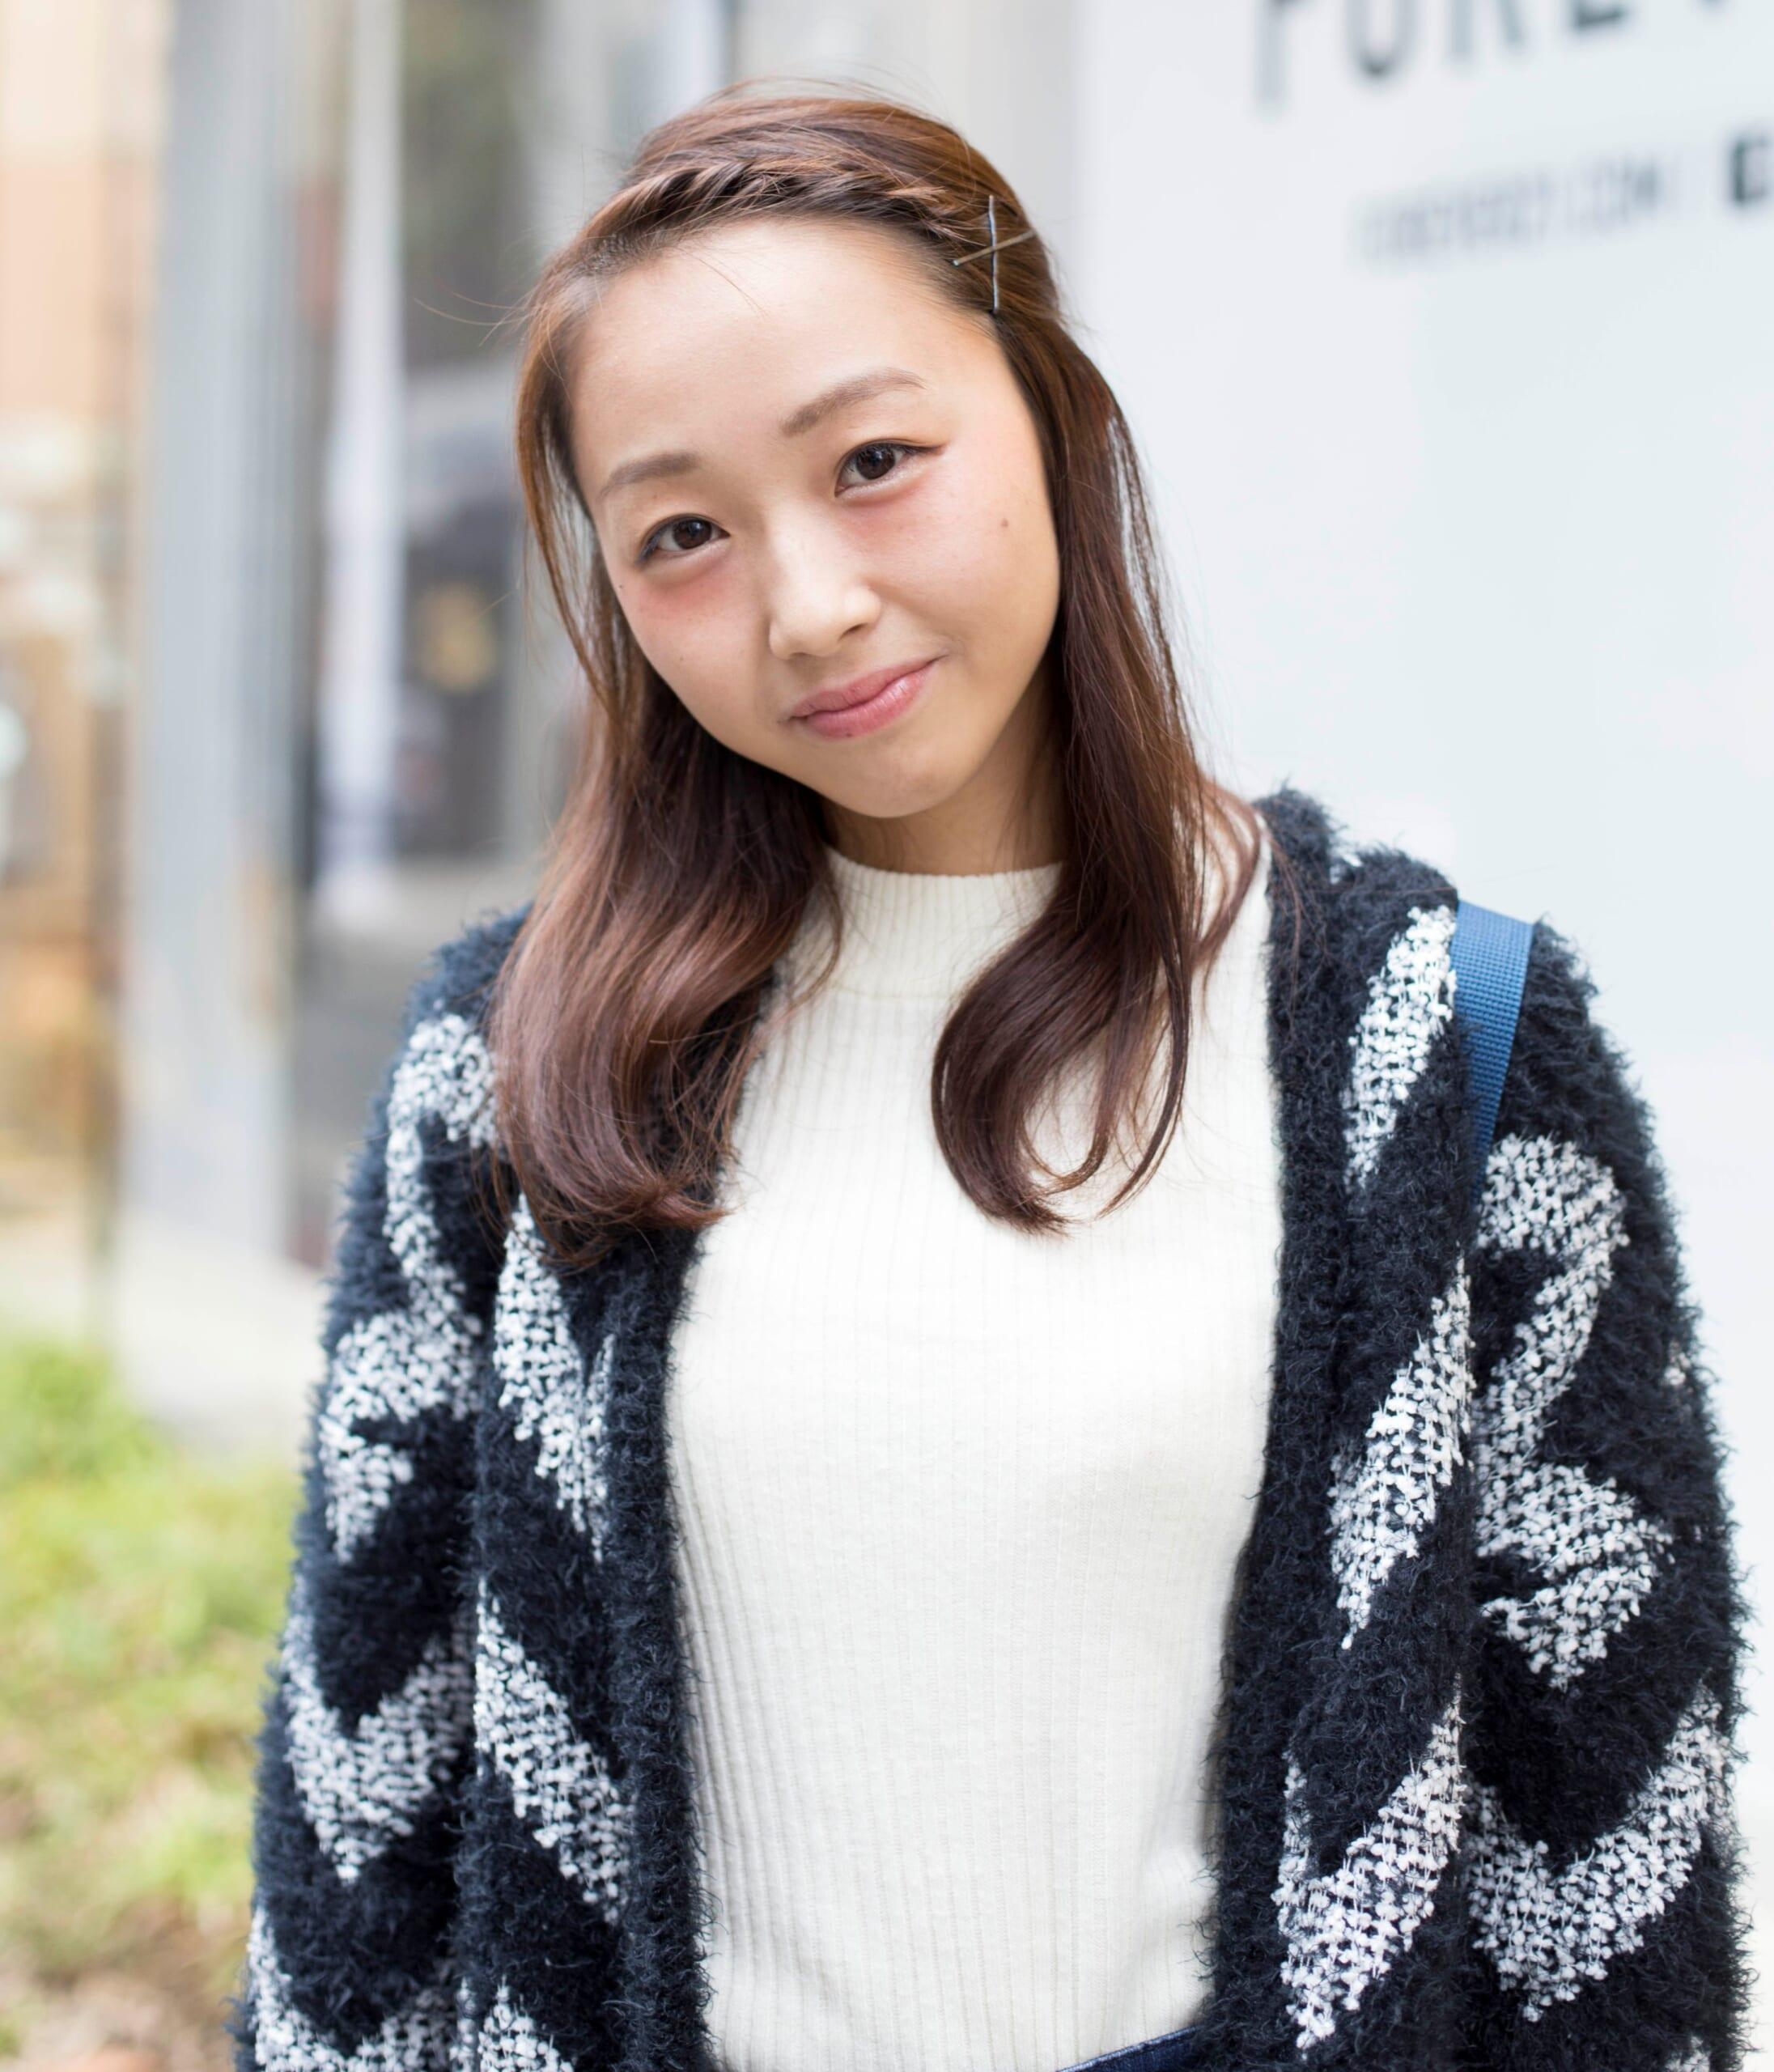 【女子SNAP】SJ美女図鑑<br />フワカワな福岡娘♪<br />築地綾乃さん・大学生